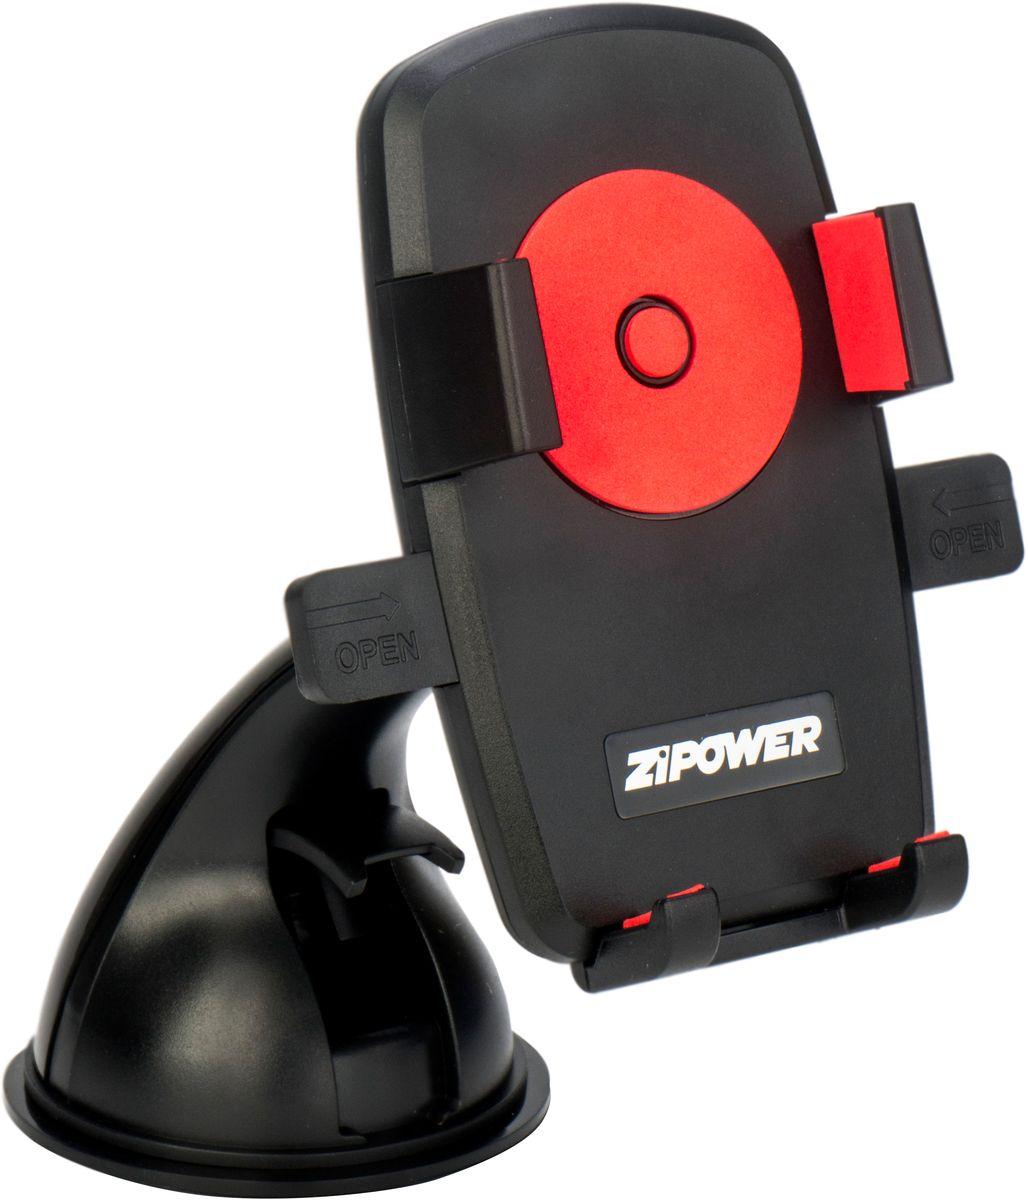 Держатель для телефона автомобильный Zipower, 50-80 мм. PM 6627